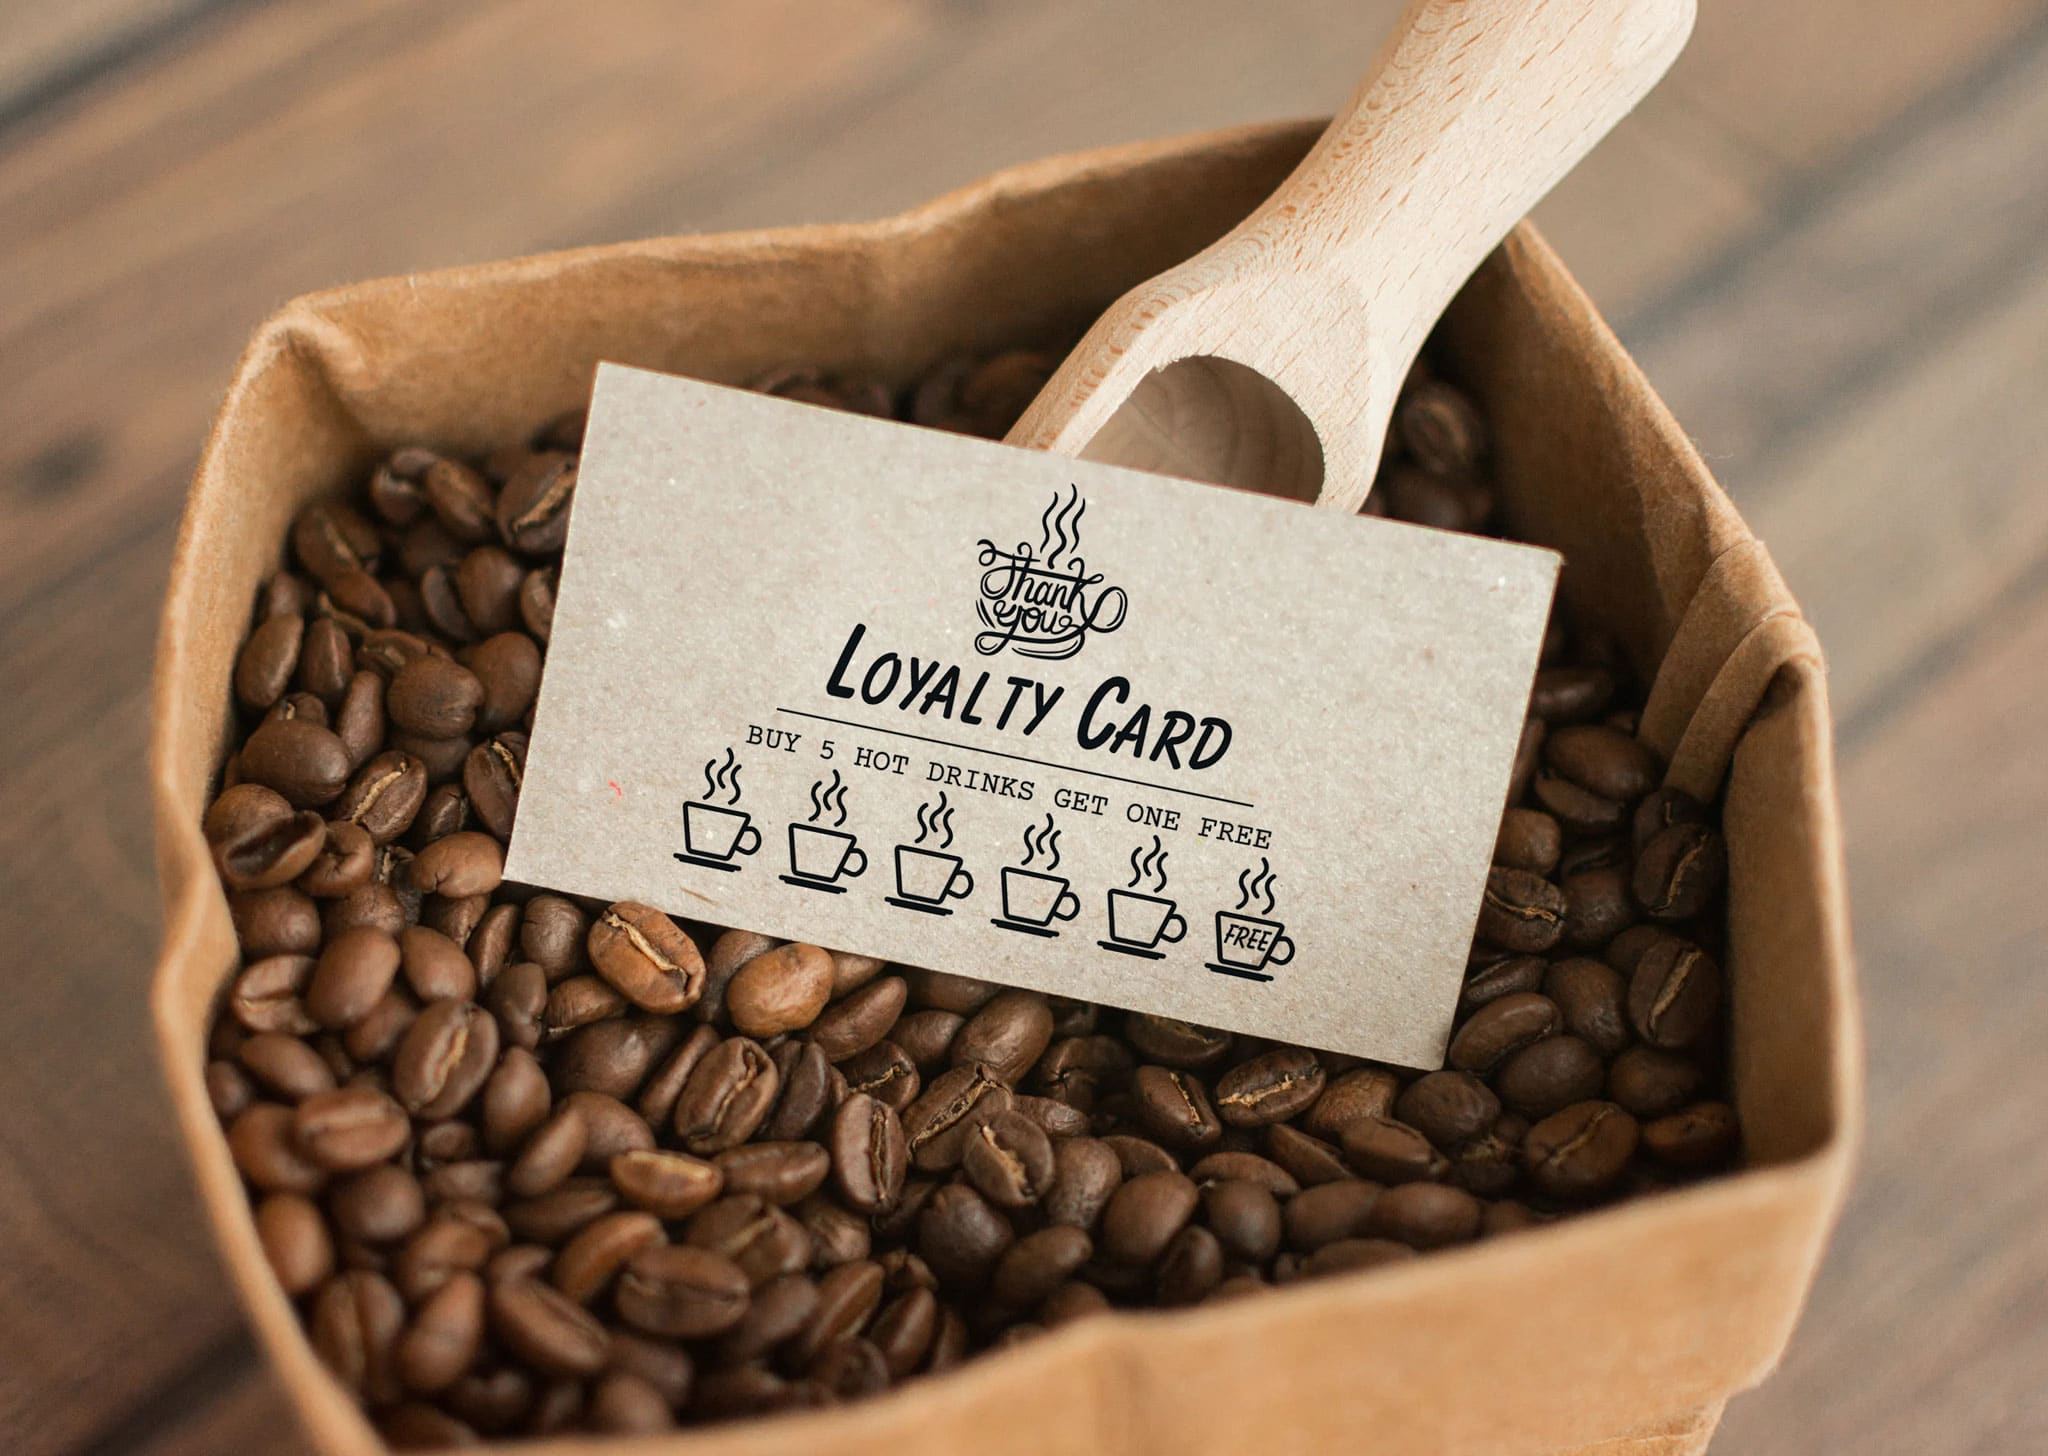 A Z Design And Print Services Bonus Cards